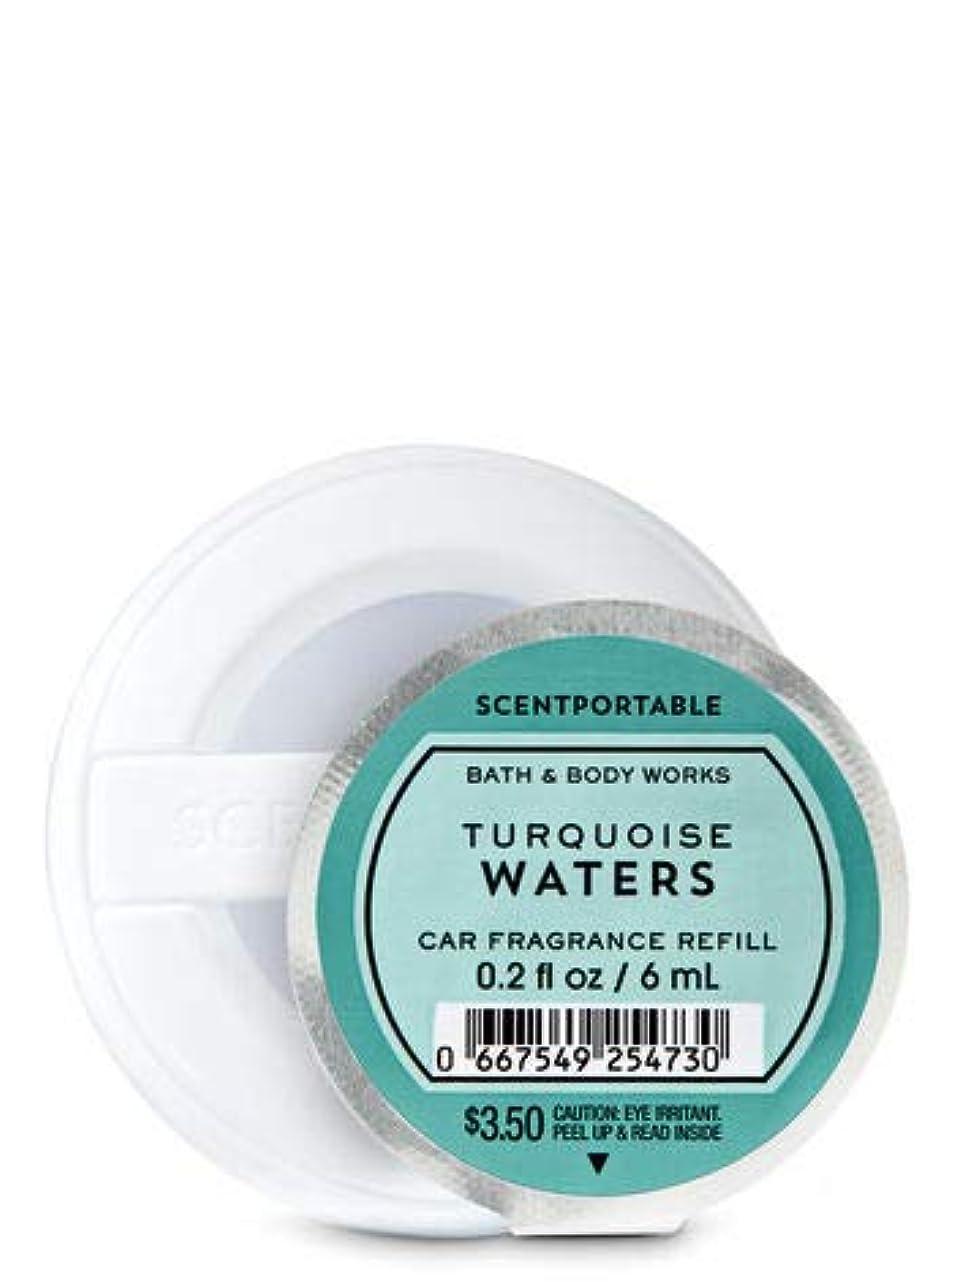 インレイ治療バッテリー【Bath&Body Works/バス&ボディワークス】 クリップ式芳香剤 セントポータブル詰替えリフィル ターコイズウォーター Scentportable Fragrance Refill Turquoise Waters [並行輸入品]